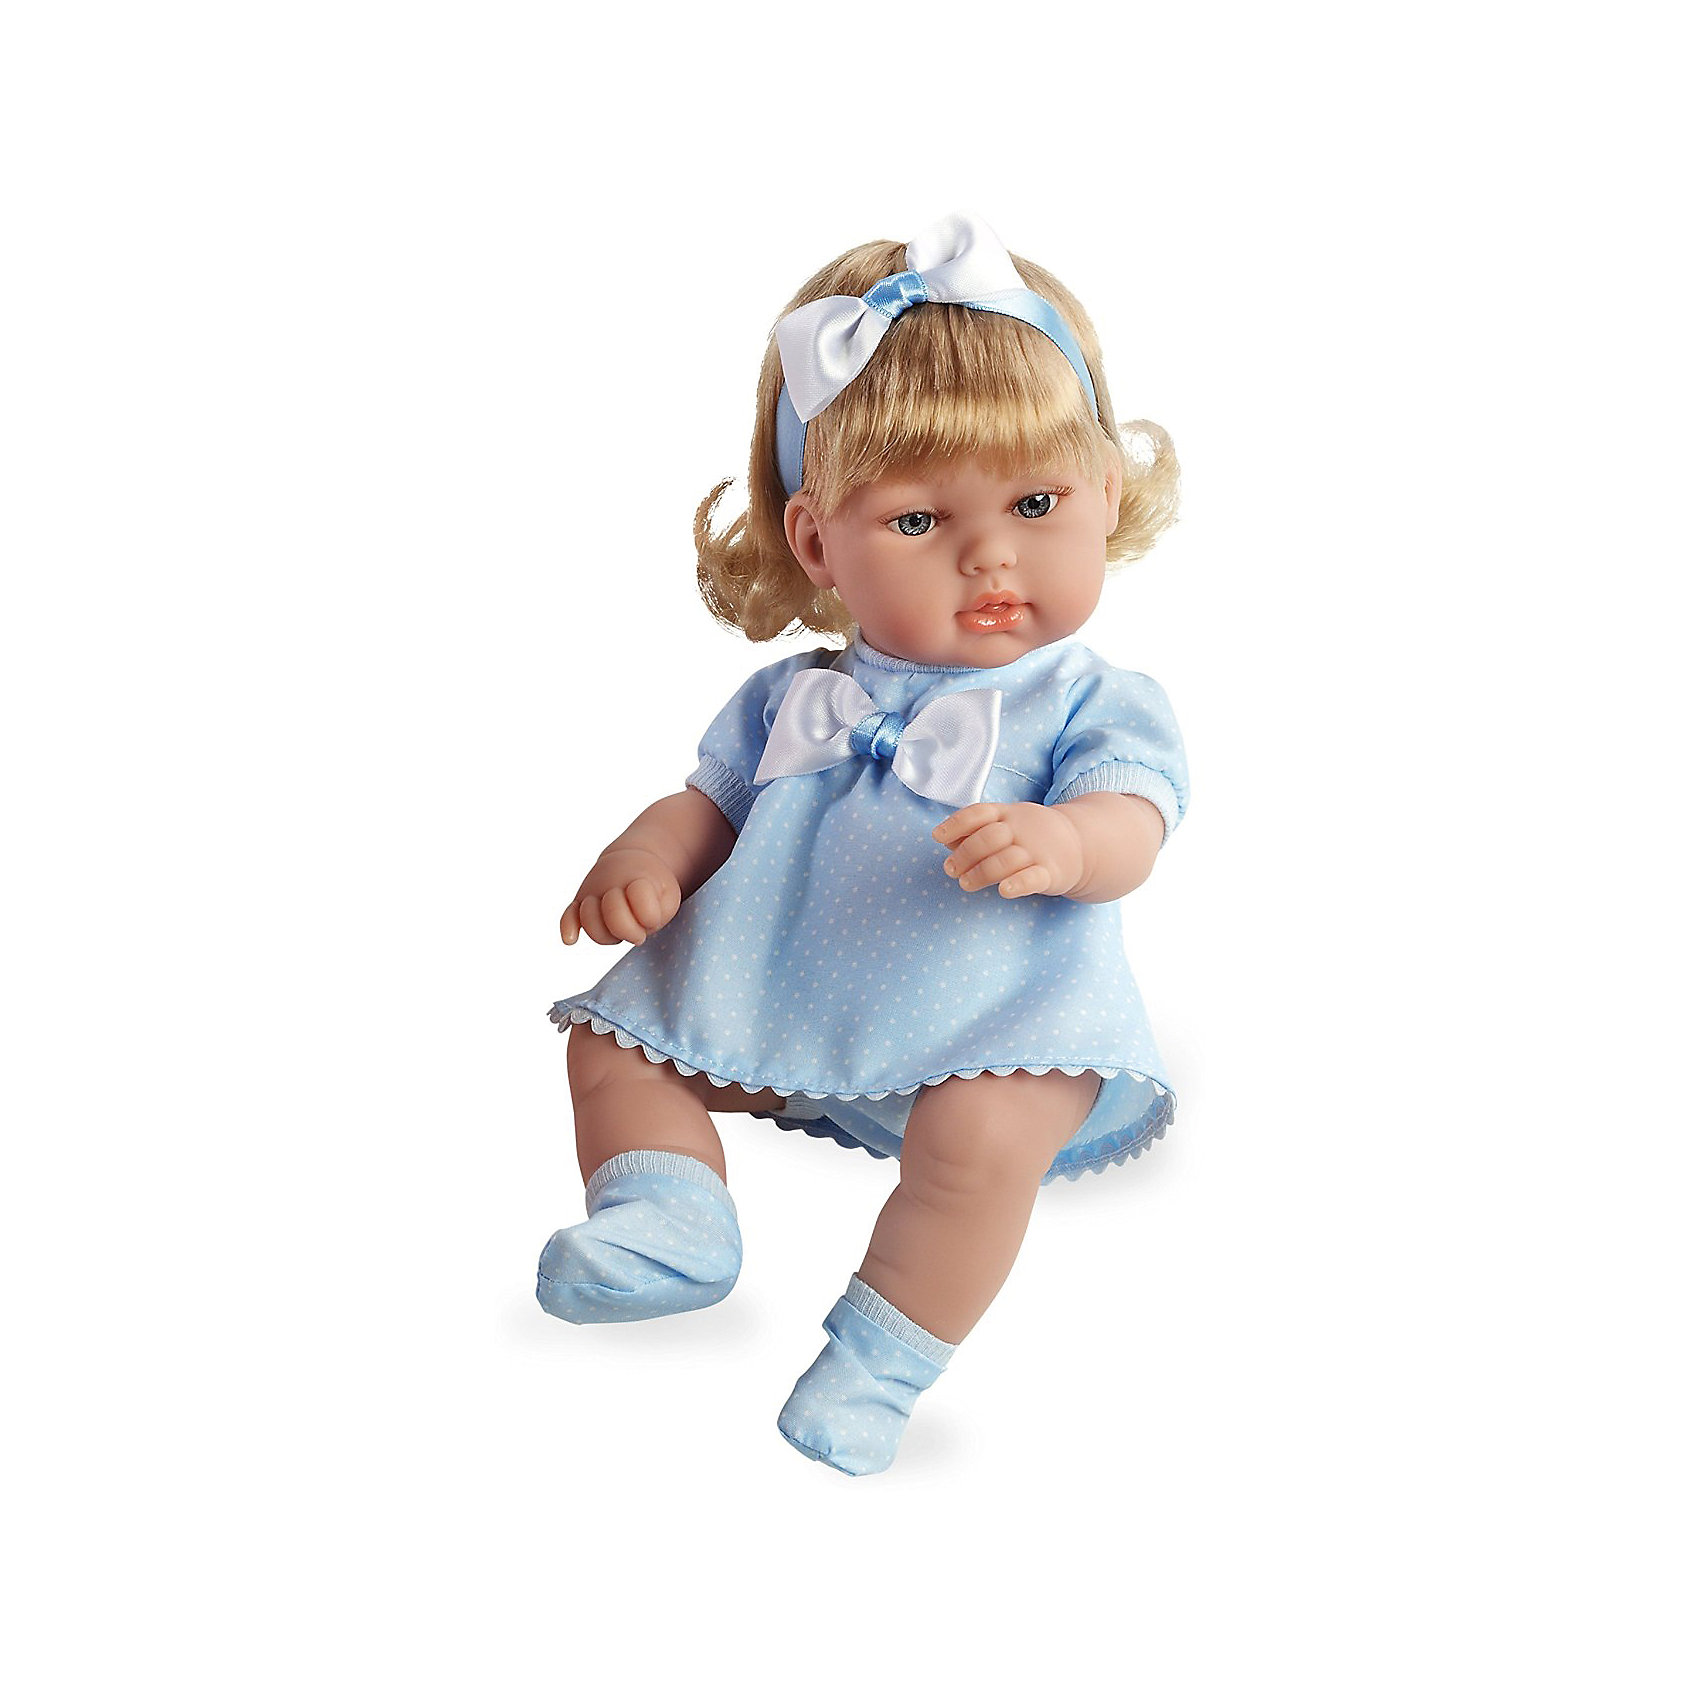 Кукла-блондинка, в голубом платье с бантом, 33см, AriasКуклы<br>Характеристики:<br><br>• Вид игр: сюжетно-ролевые<br>• Пол: для девочек<br>• Коллекция: Elegance<br>• Материал: винил, текстиль, нейлон<br>• Длина пупса: 33 см<br>• Комплектация: кукла, платье, пинетки, повязка на волосы<br>• Подвижные ручки и ножки <br>• Вес в упаковке: 1 кг 660 г<br>• Размеры упаковки (Г*Ш*В): 40,5*14*24 см<br>• Упаковка: картонная коробка<br>• Особенности ухода: куклу можно купать, одежда – ручная стирка<br><br>Кукла-блондинка, в голубом платье с бантом, 33см, Arias изготовлена известным испанским торговым предприятием Munecas, который специализируется на выпуске кукол и пупсов. Пупсы и куклы Arias с высокой степенью достоверности повторяют облик маленьких детей, благодаря мельчайшим деталям внешнего вида и одежды игрушки выглядят мило и очаровательно. Кукла выполнена из винила, у нее подвижные ручки и ножки, четко прорисованные глаза и брови, курносый носик и пухленькие губки. Светлые, слегка завитые, волосы придерживает повязка-бант. Малышка одета в легкое голубое платье в горошек и голубые пинетки. Кукла-блондинка, в голубом платье с бантом, 33см, Arias станет идеальным подарком для девочки к любому празднику.<br><br>Куклу-блондинку, в голубом платье с бантом, 33см, Arias можно купить в нашем интернет-магазине.<br><br>Ширина мм: 405<br>Глубина мм: 140<br>Высота мм: 240<br>Вес г: 983<br>Возраст от месяцев: 36<br>Возраст до месяцев: 120<br>Пол: Женский<br>Возраст: Детский<br>SKU: 5355550